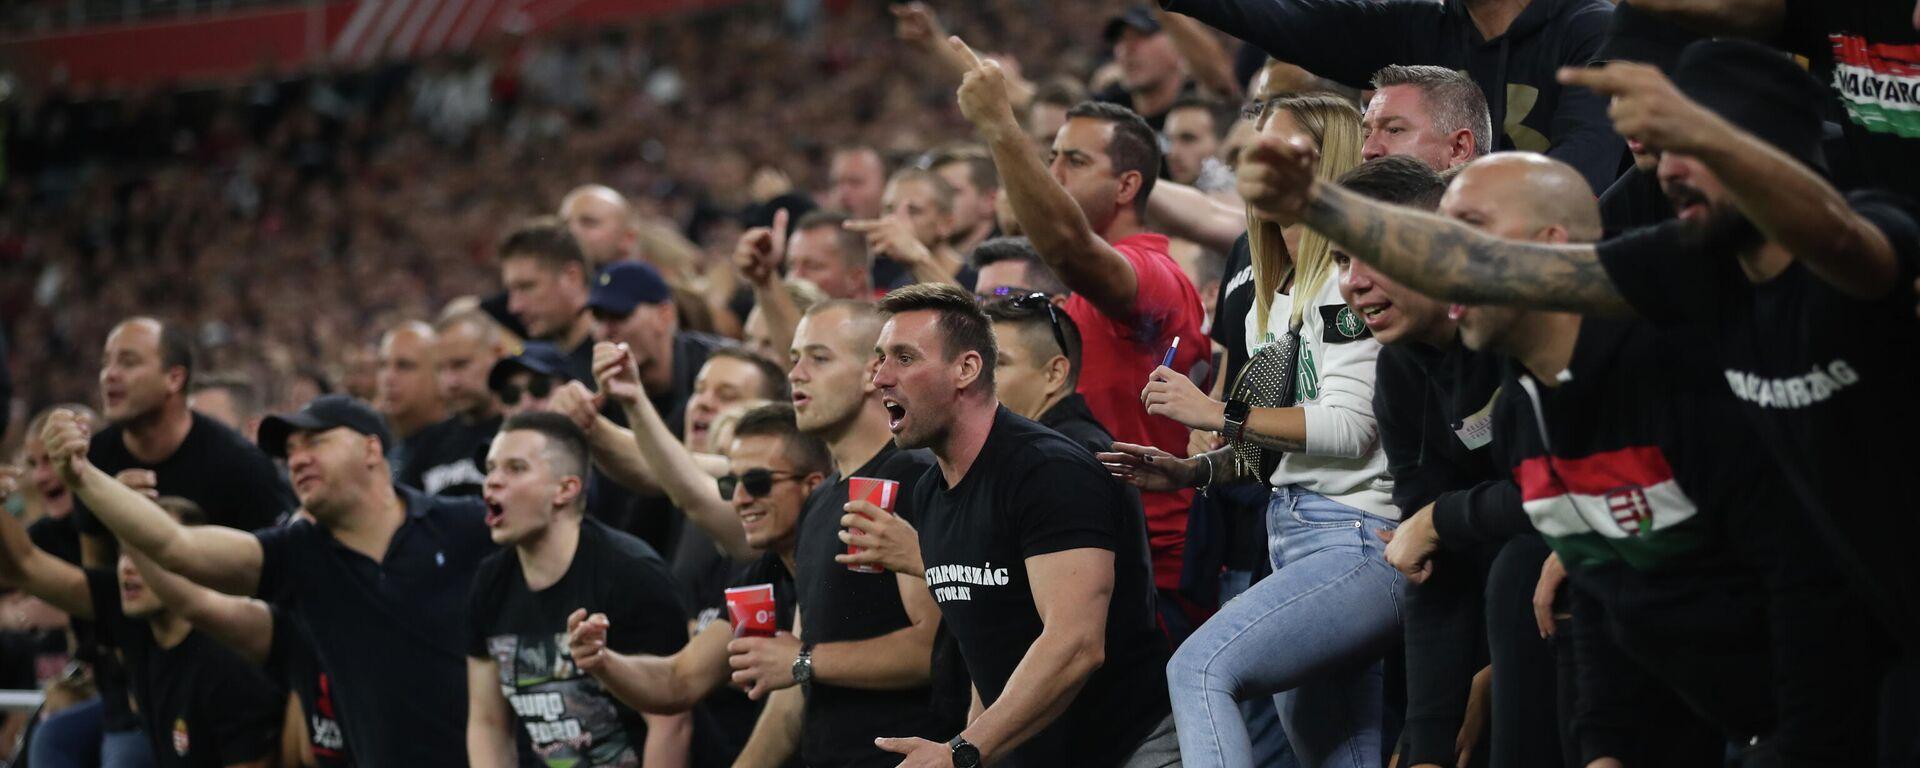 Navijači Mađarske tokom utakmice protiv Engleske u kvalifikacijama za Svetsko prvenstvo 2022. - Sputnik Srbija, 1920, 23.09.2021